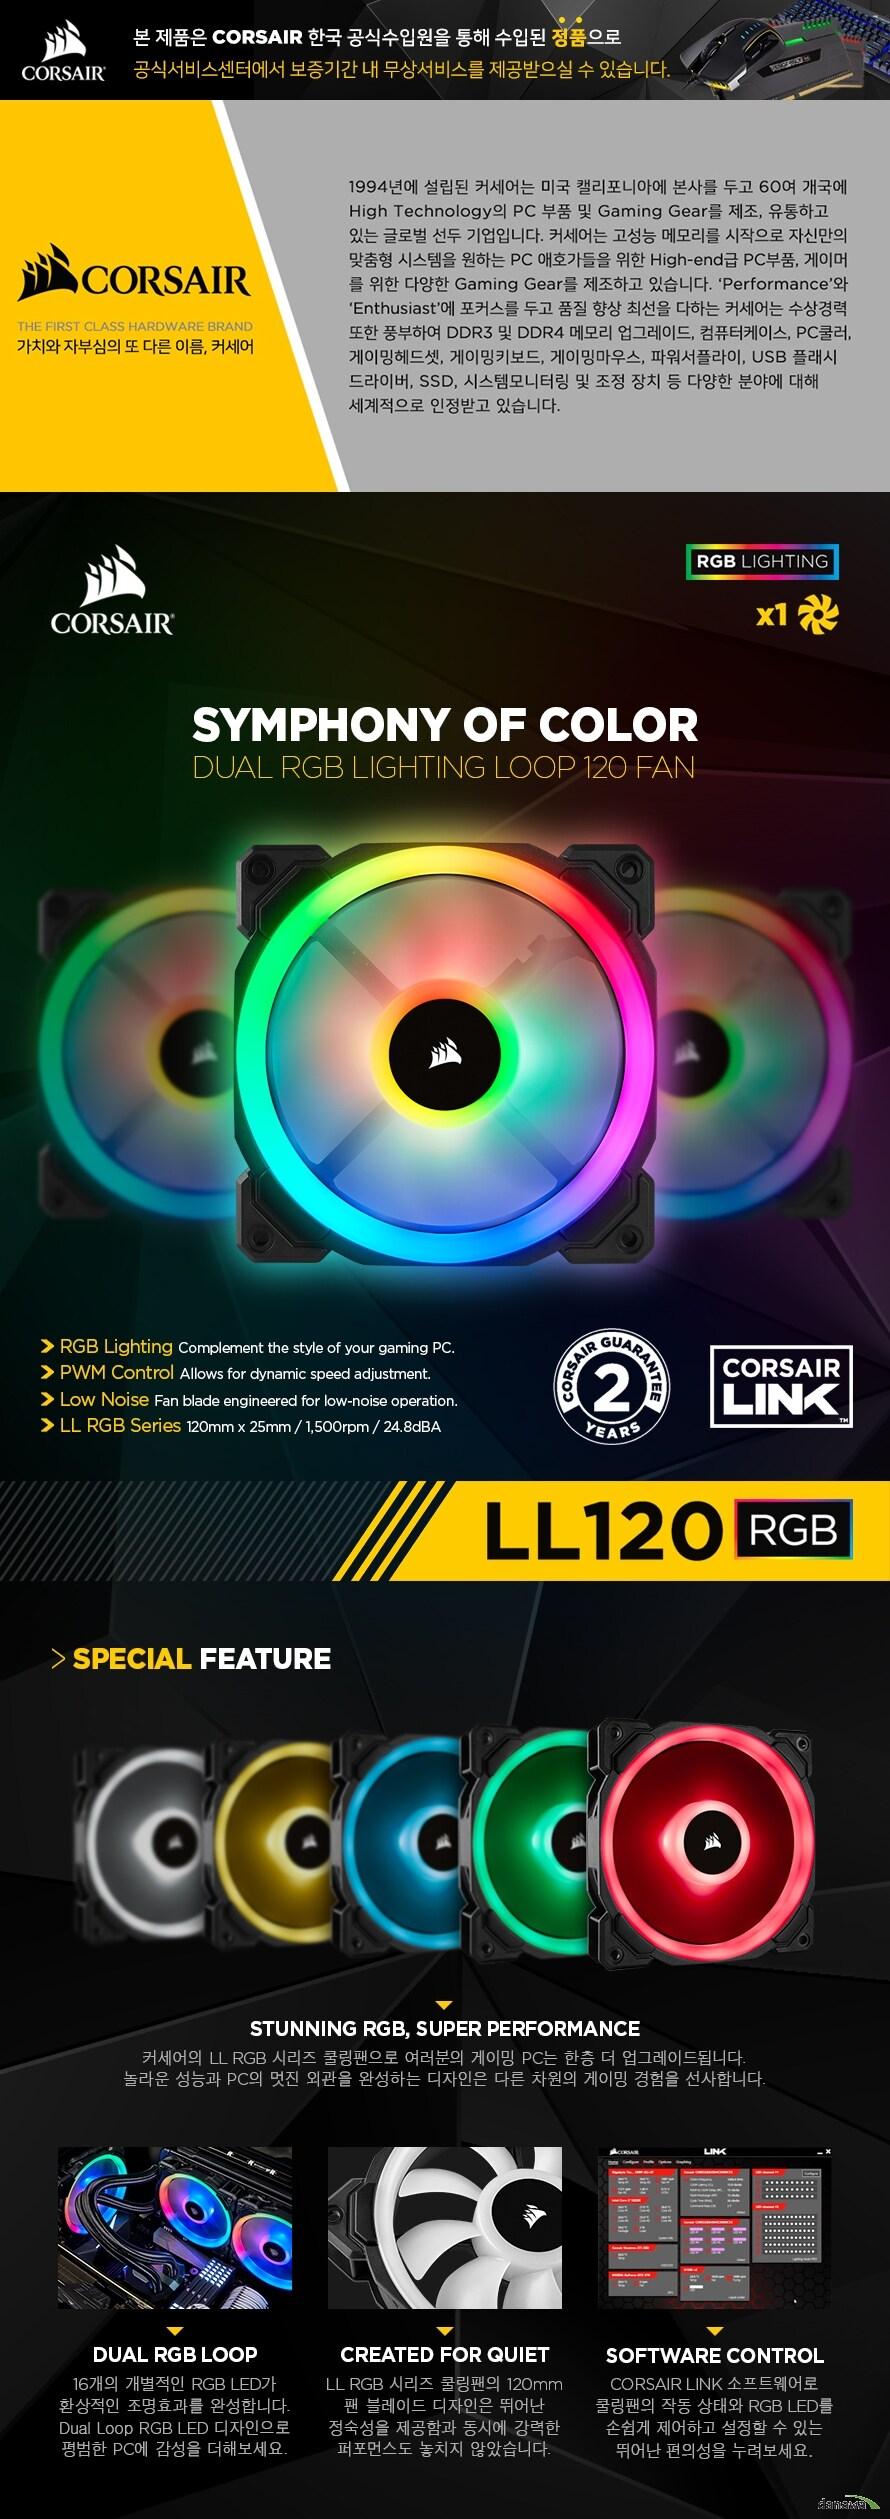 CORSAIR LL 120 RGB 커세어의 LL RGB 시리즈 쿨링팬으로 여러분의 게이밍 PC는 한층 더 업그레이드됩니다. 놀라운 성능과 PC의 멋진 외관을 완성하는 디자인은 다른 차원의 게이밍 경험을 선사합니다.